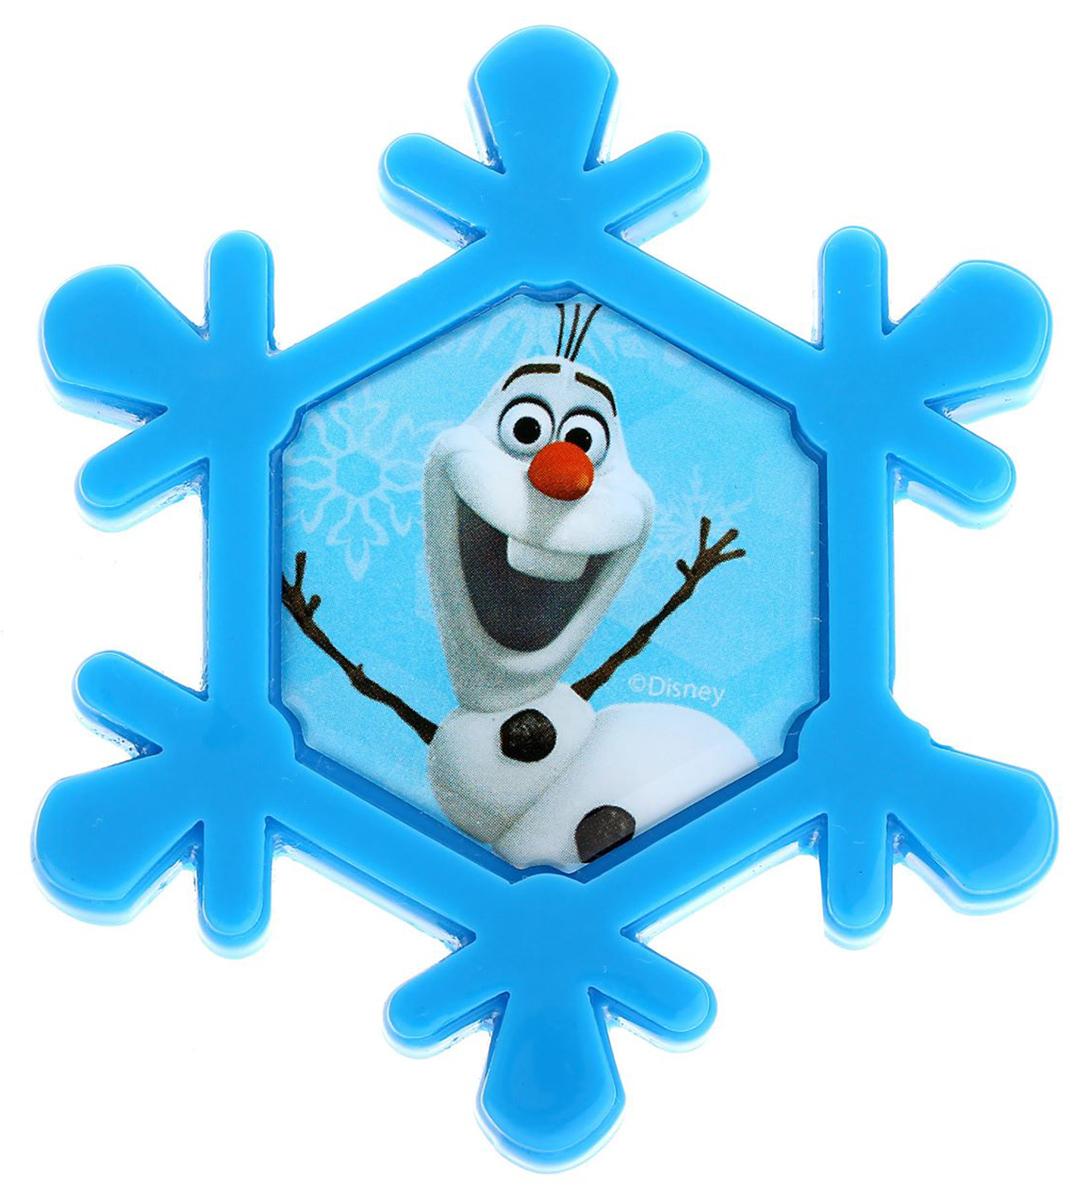 Магнит-рамка Disney Олаф, 6,2 х 7 см. 12568491256849Дарите радость с Disney Удивите малышей уникальным сувениром с любимым персонажем! Он порадует ребёнка стильным дизайном и ярким исполнением. Красочный акриловый магнит будет долгие годы украшать холодильник или другую металлическую поверхность. Изделие дополнено оригинальной открыткой, где можно написать тёплые слова и сделать маленький подарок более личным. Соберите коллекцию аксессуаров с любимыми героями!